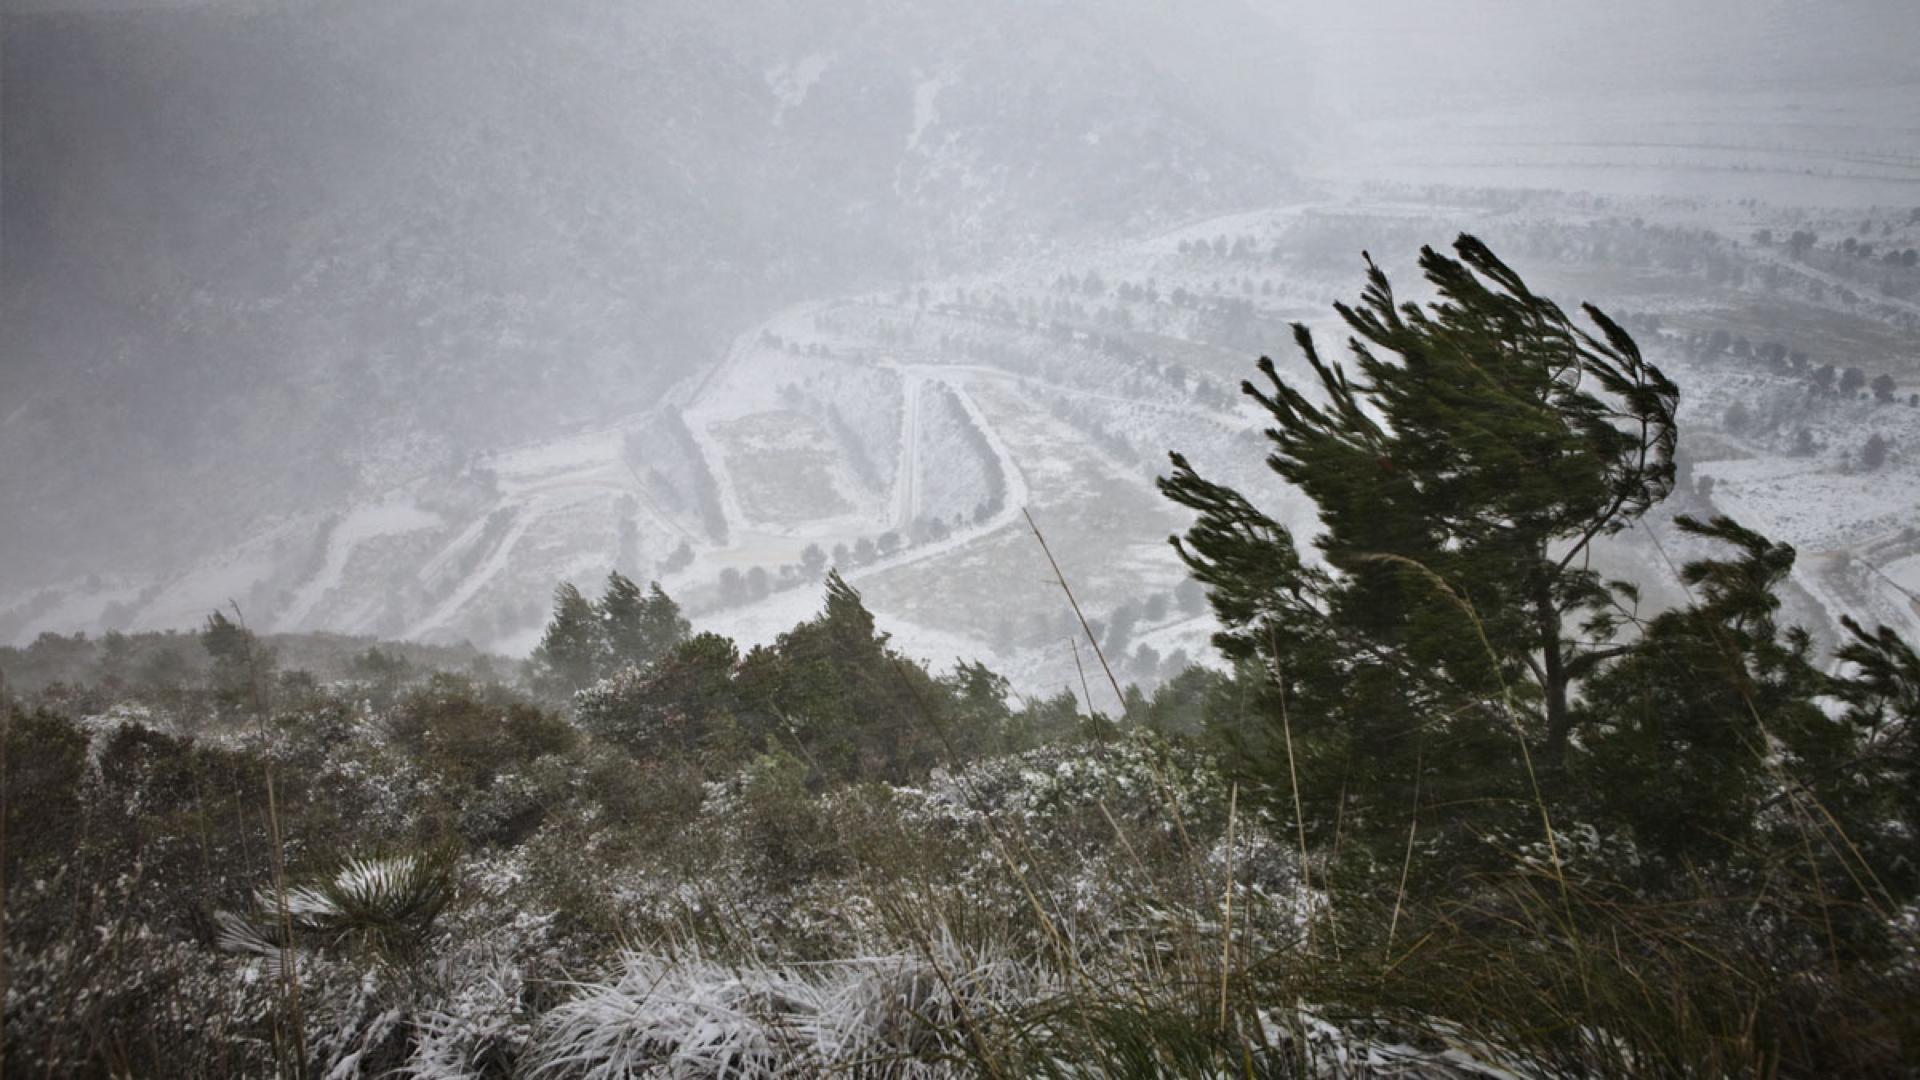 Batlle i Roig : requalification paysagère de la décharge du Garraf